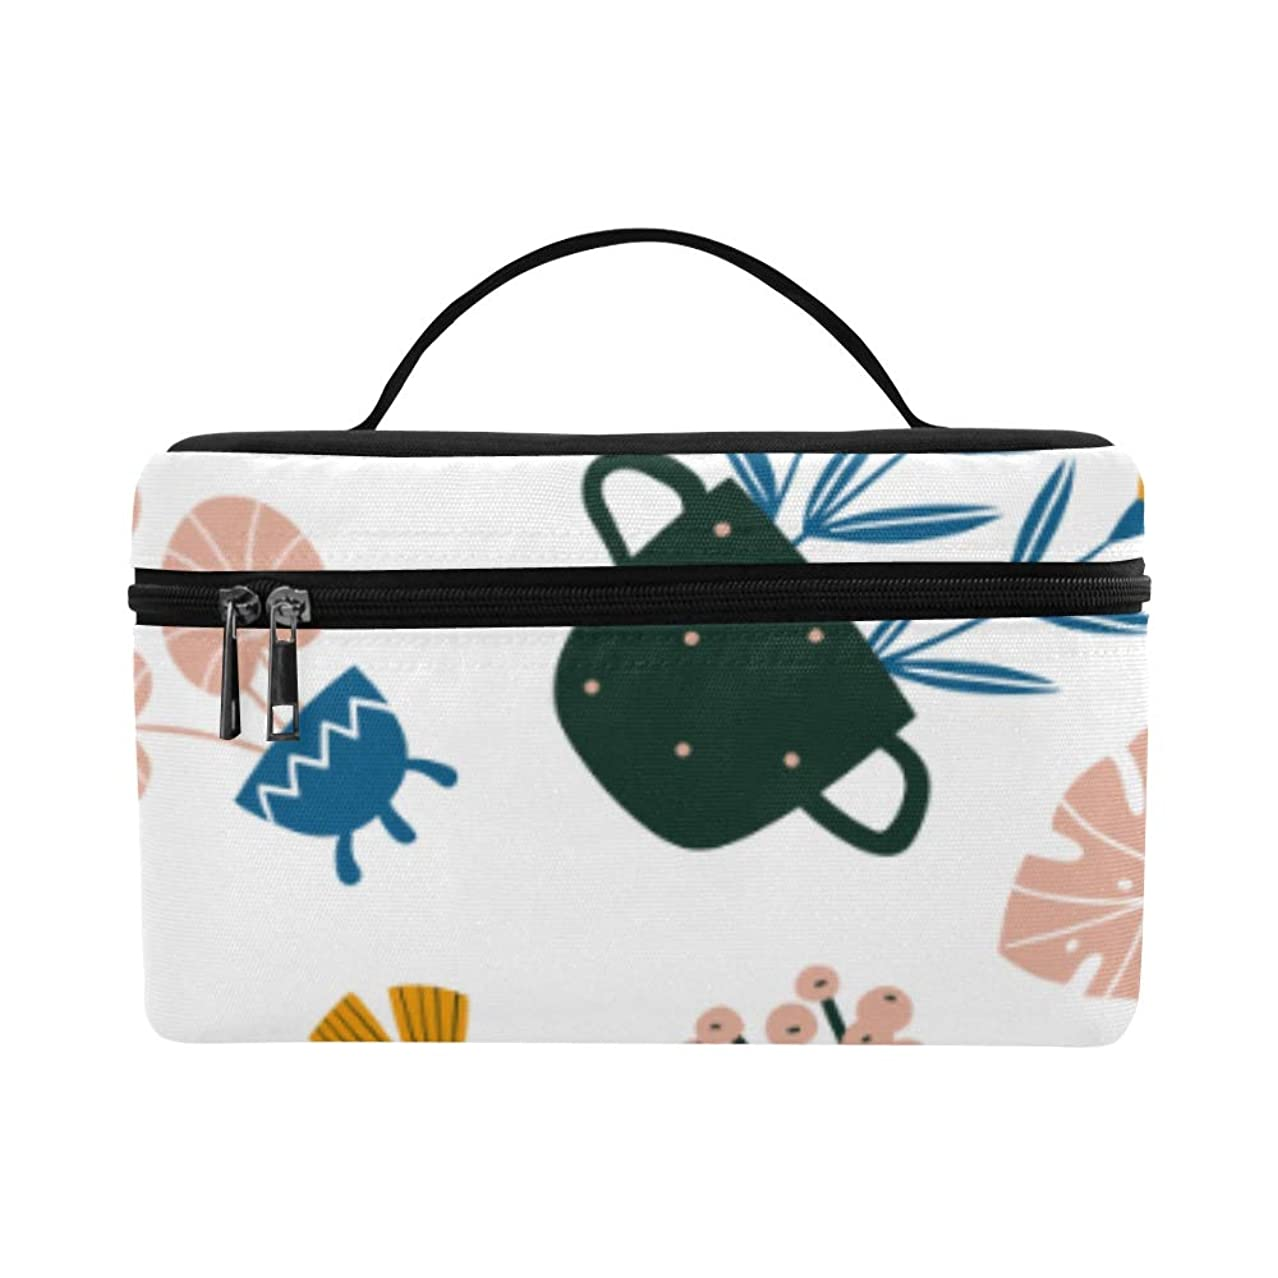 シャトルブラシ腹痛TELSG メイクボックス 華々しい花瓶や花 コスメ収納 化粧品収納ケース 大容量 収納ボックス 化粧品入れ 化粧バッグ 旅行用 メイクブラシバッグ 化粧箱 持ち運び便利 プロ用